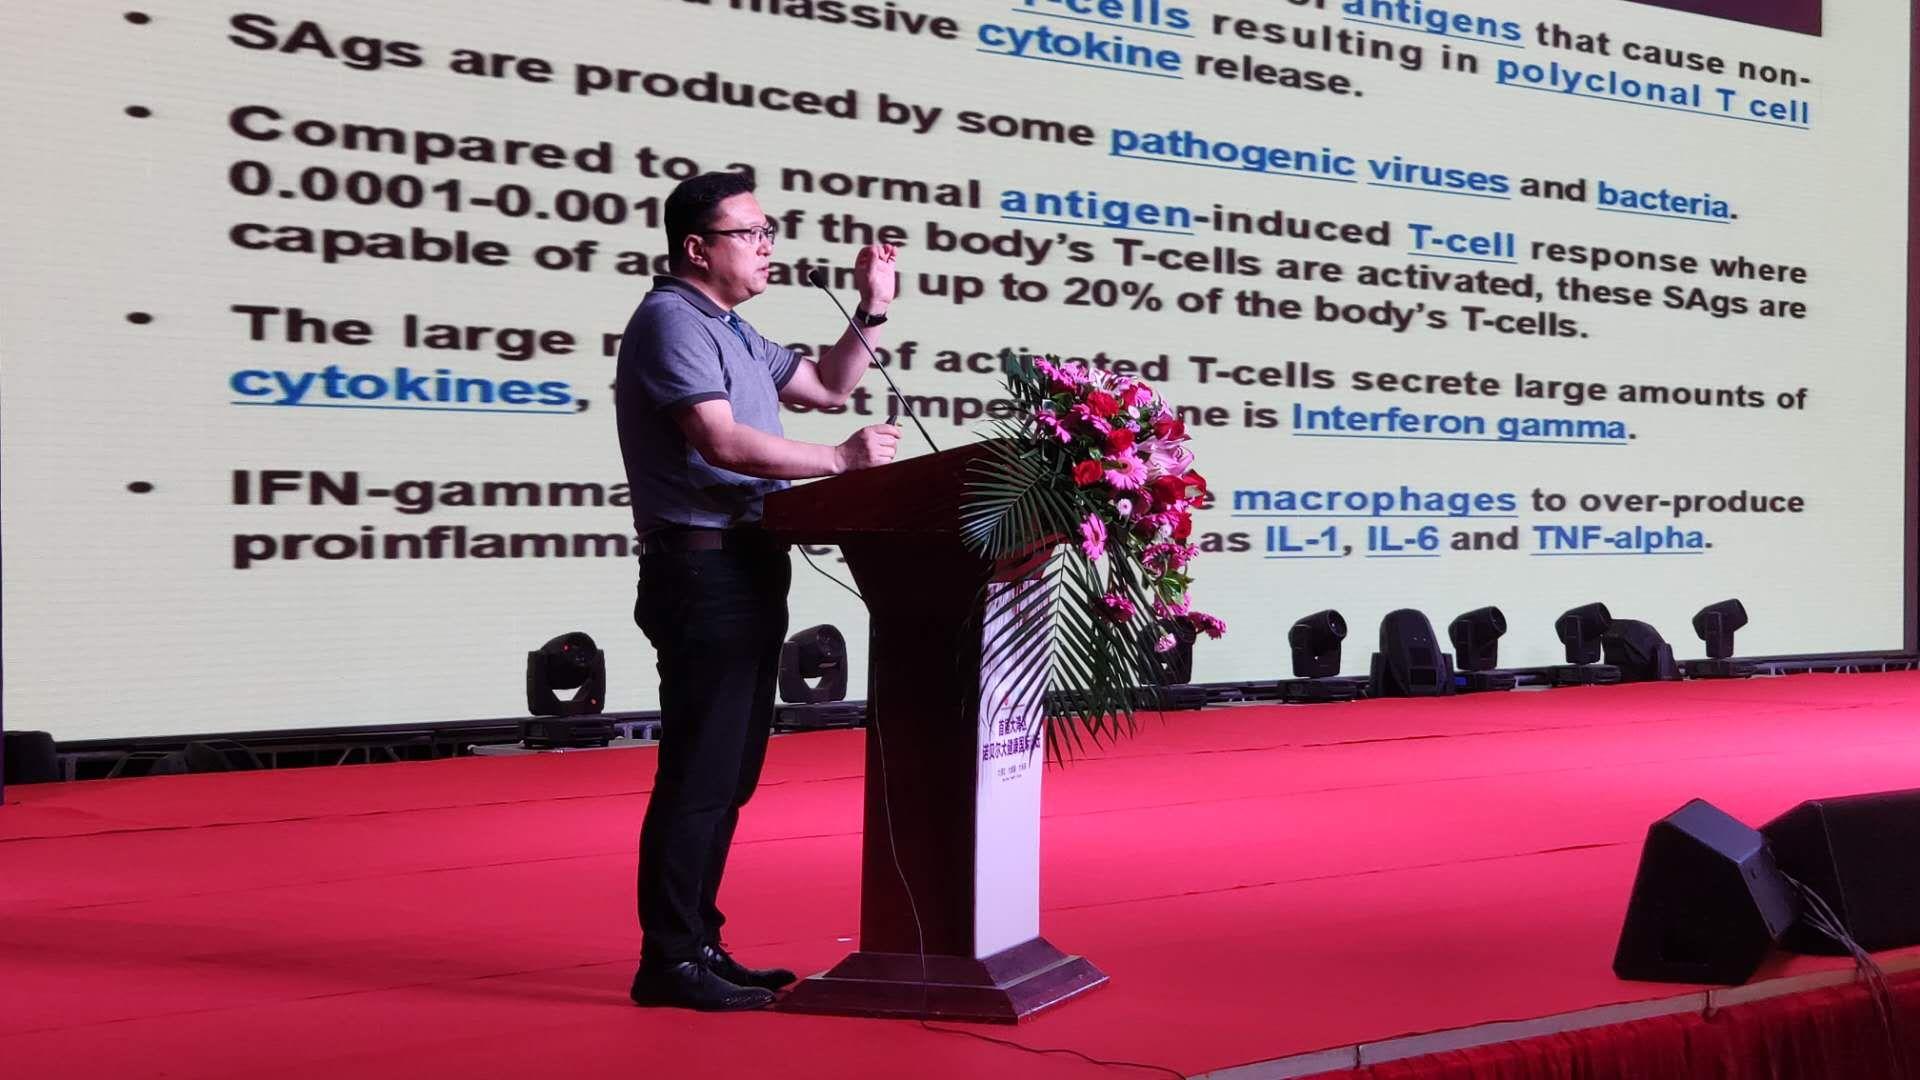 香港中文大学医学院矫形外科及创伤学系教授、香港中文大学医学院李嘉诚健康研究所研究员李刚教授就超抗原骨骼修复的临床研究分享了《免疫系统之超级抗原与骨病》学术报告